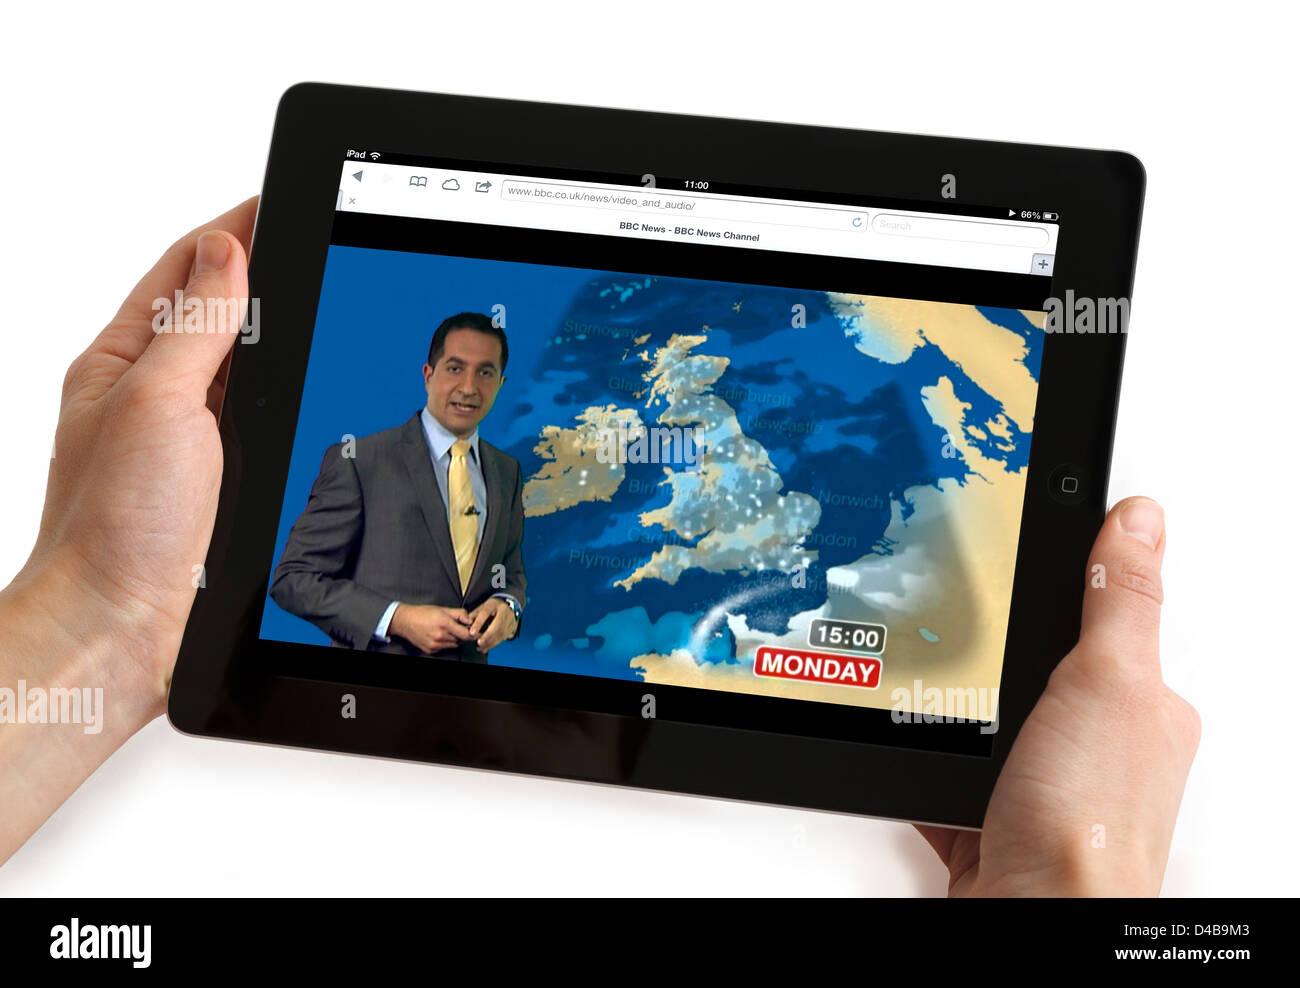 Regarder les prévisions météorologiques sur le site Web de BBC News channel sur un Apple iPad 4 Photo Stock